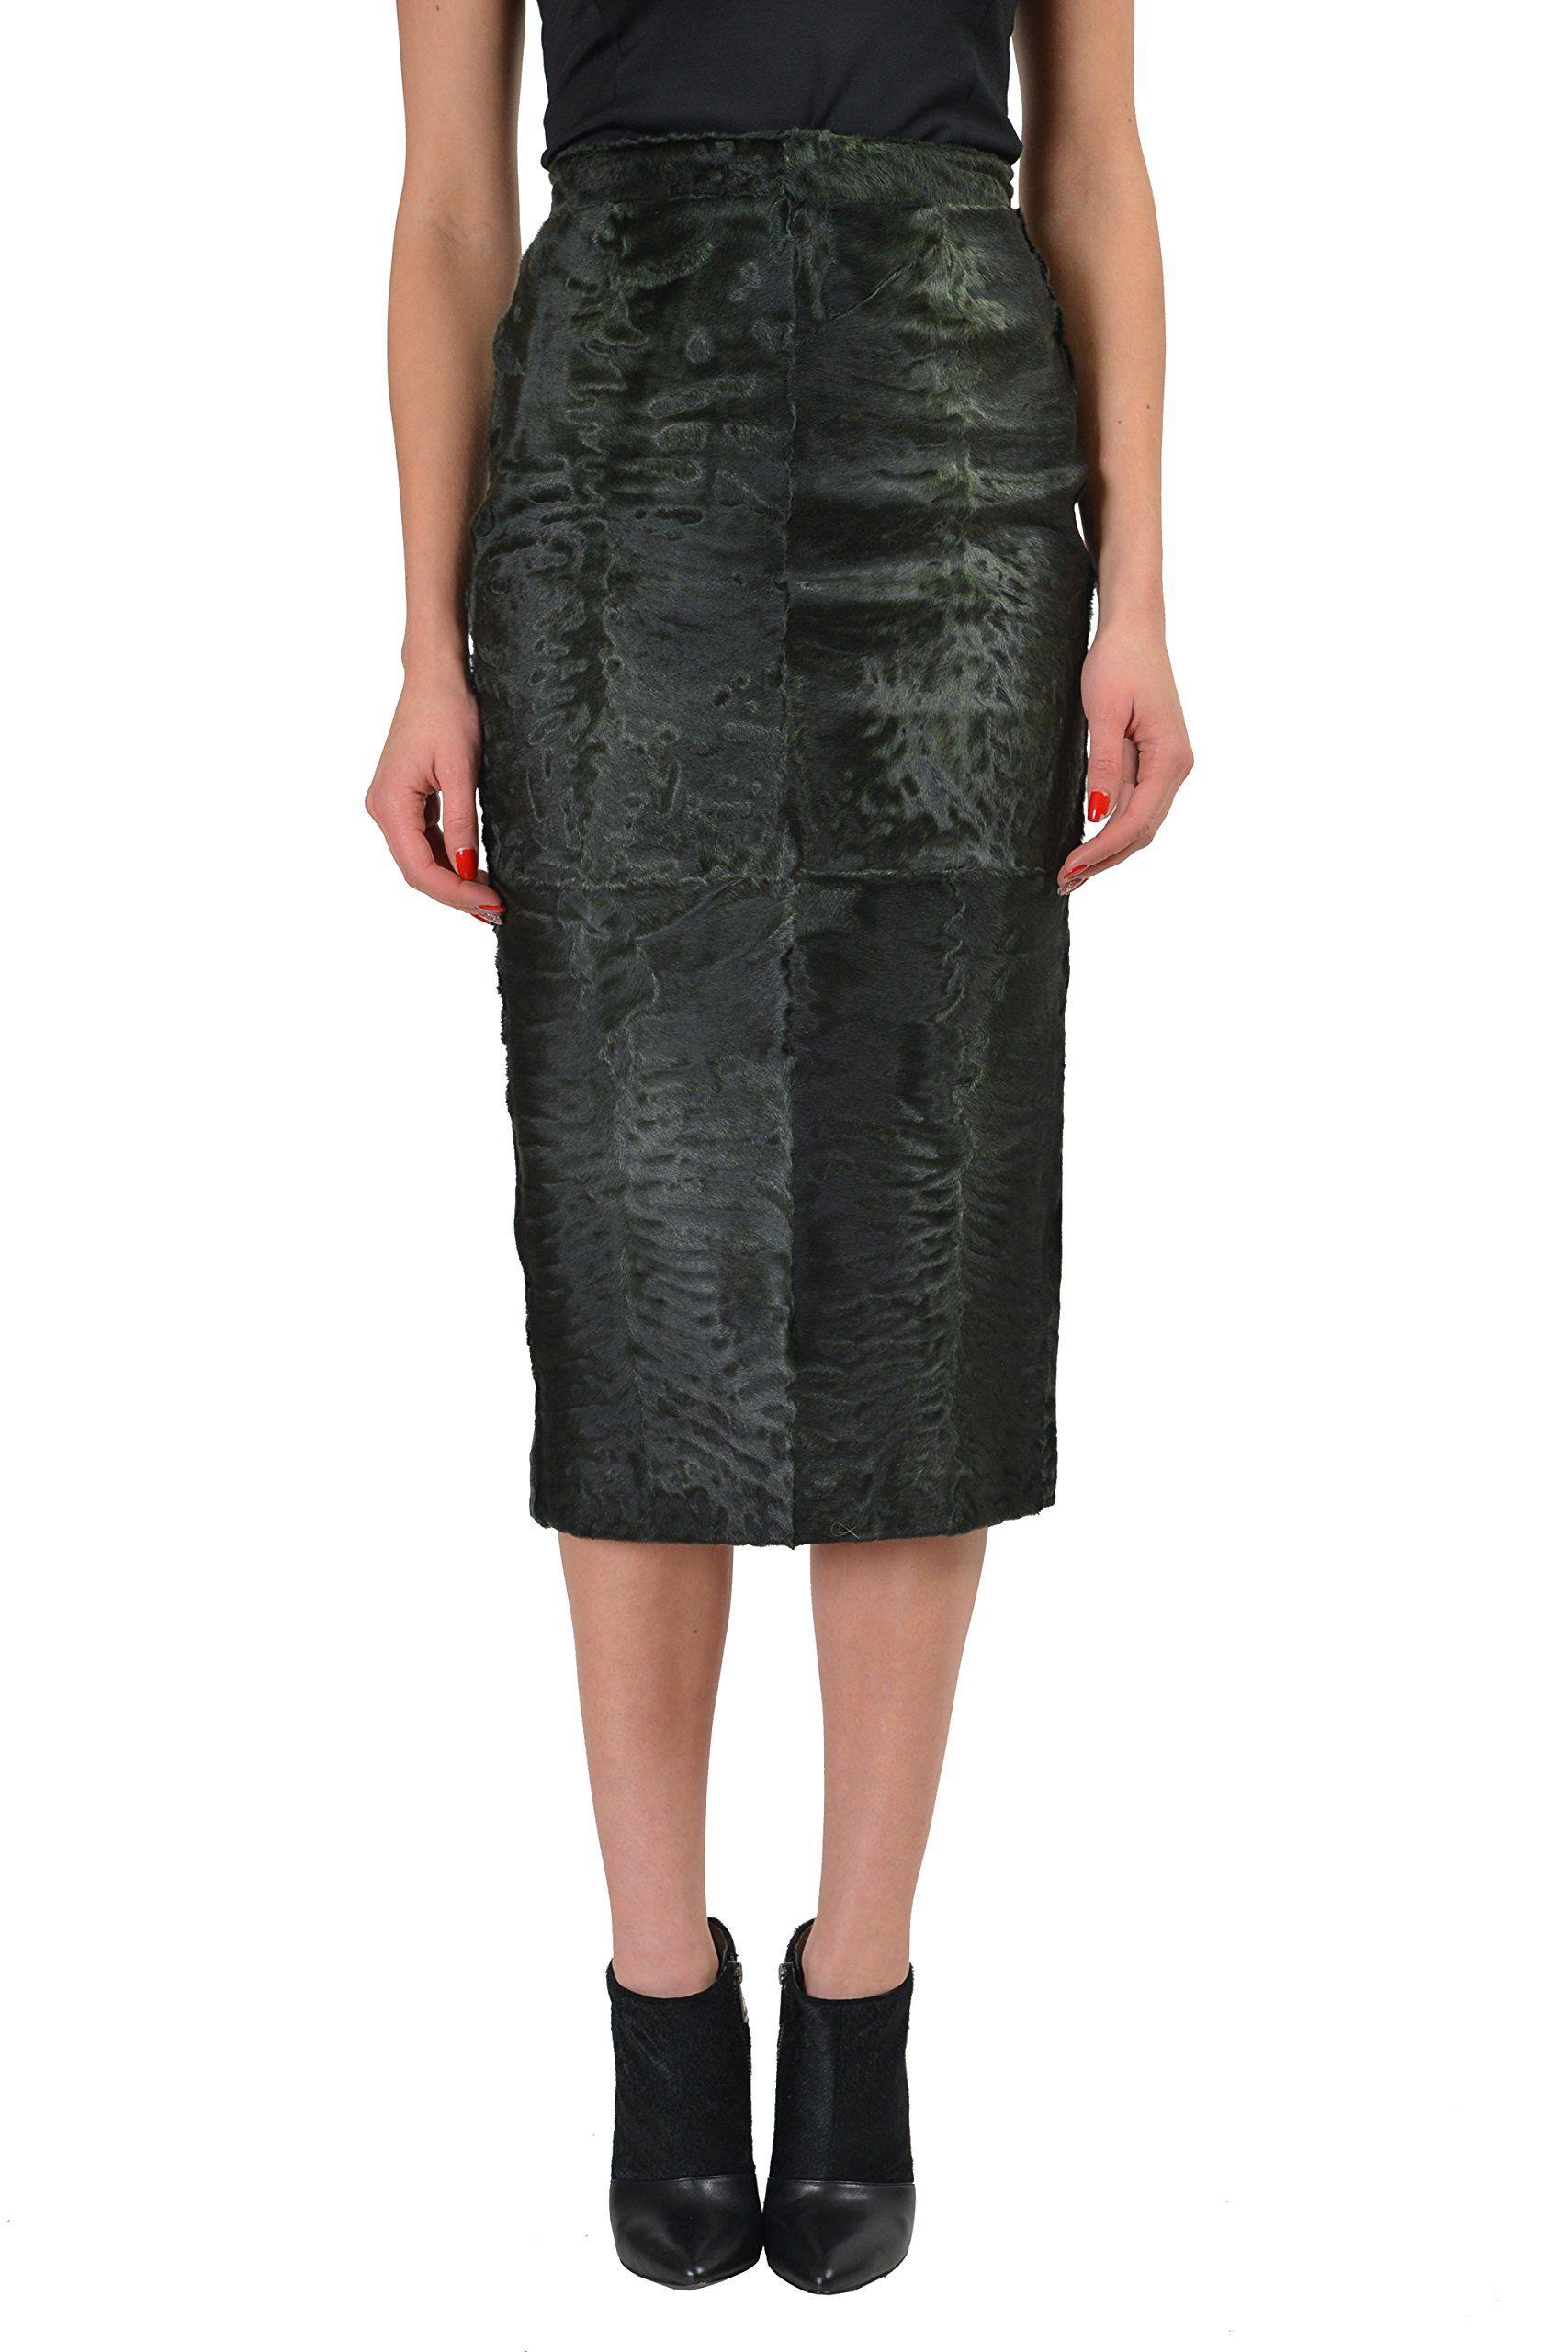 Dsquared karacul gray womenus pencil skirt us s it